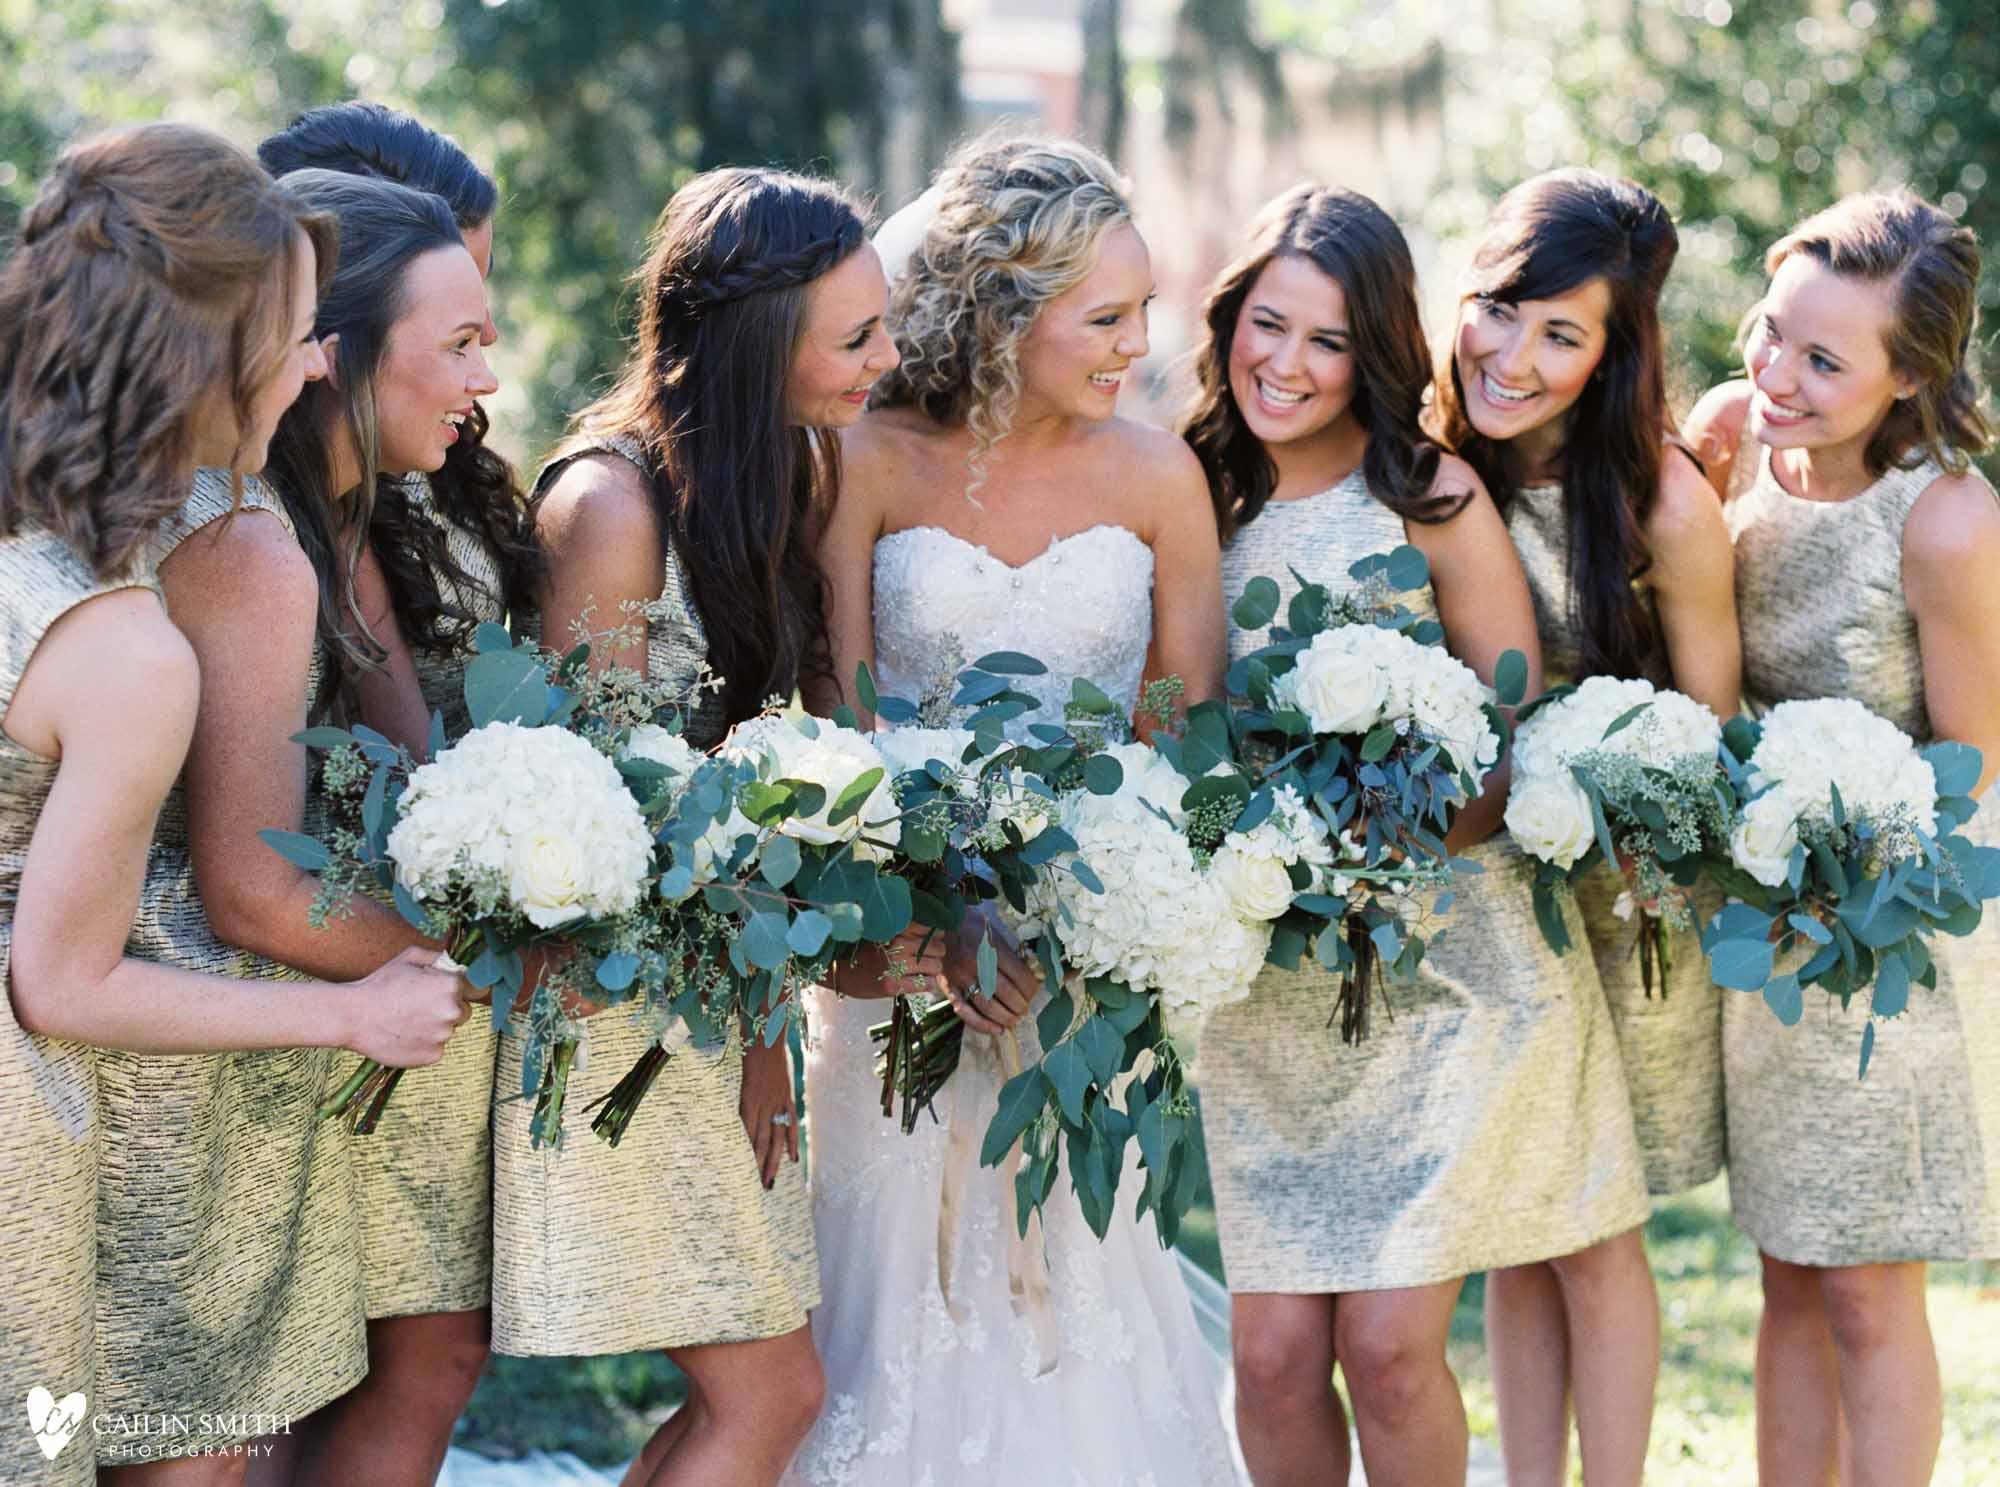 Leah_Major_St_Marys_Wedding_Photography_041.jpg